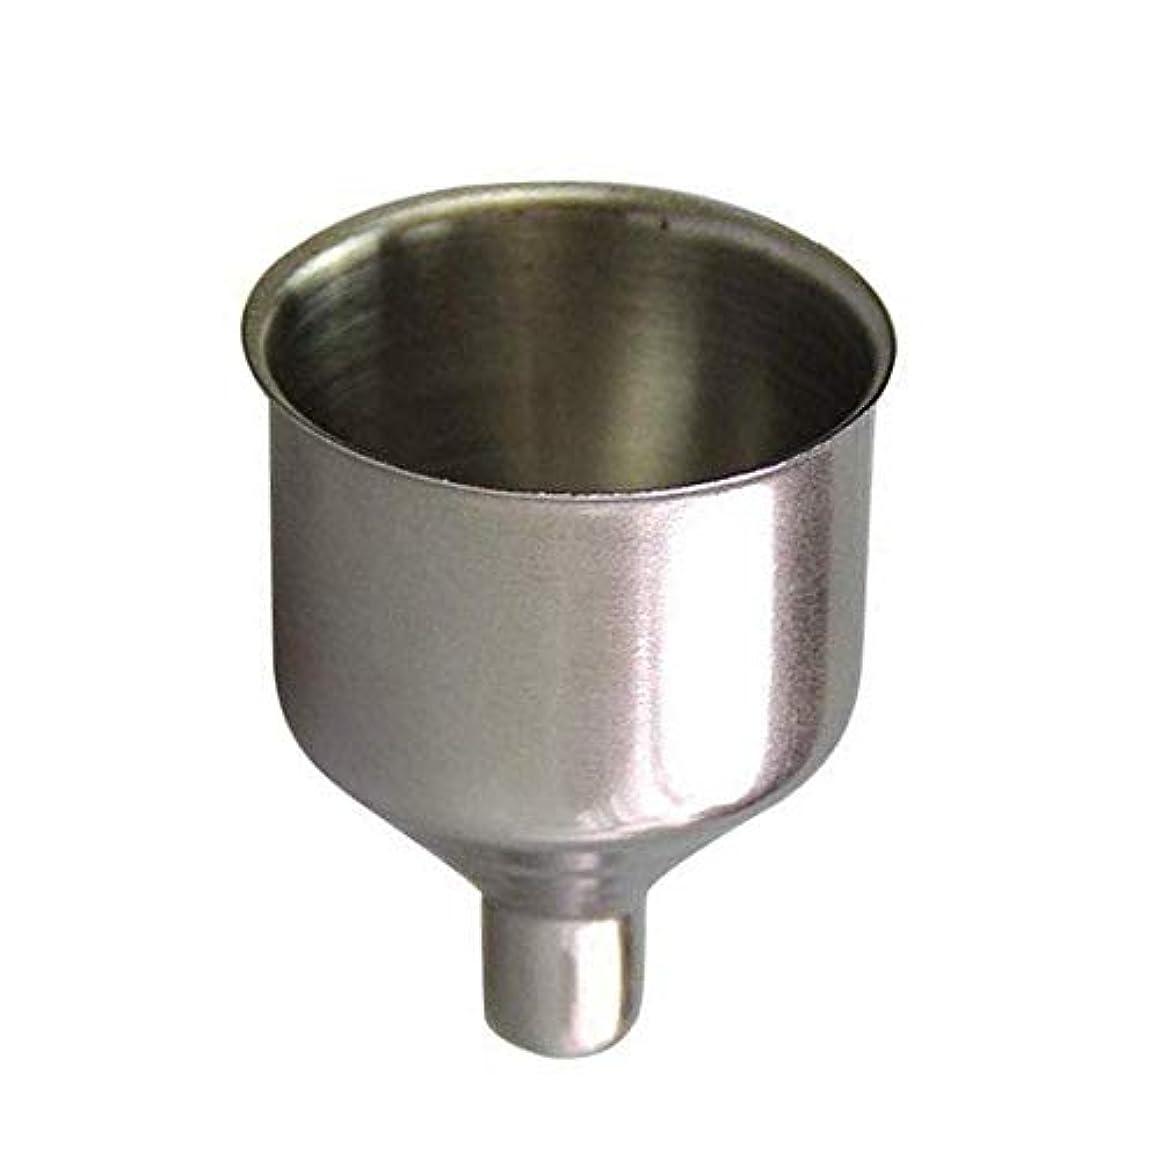 うめき声スチュワード静けさ漏斗のこし器 じょうごおよび種を取除くため 液体 香水 精油 ステンレス鋼の漏斗